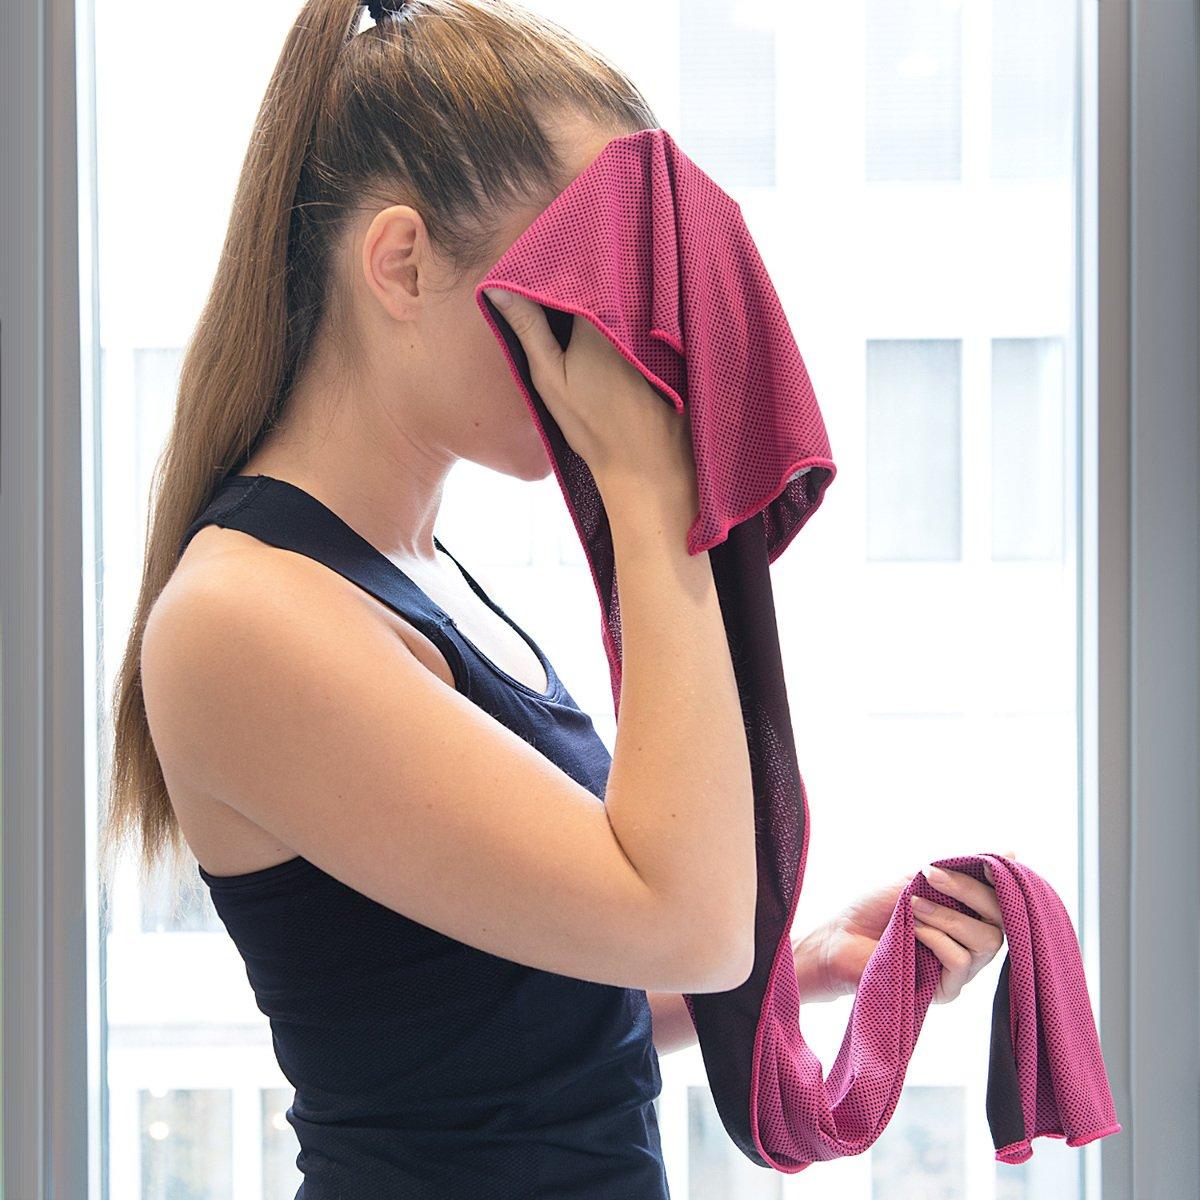 2x Kühlendes Sporthandtuch aus Microfaser Sport Tuch Kühlung Fitness Handtuch